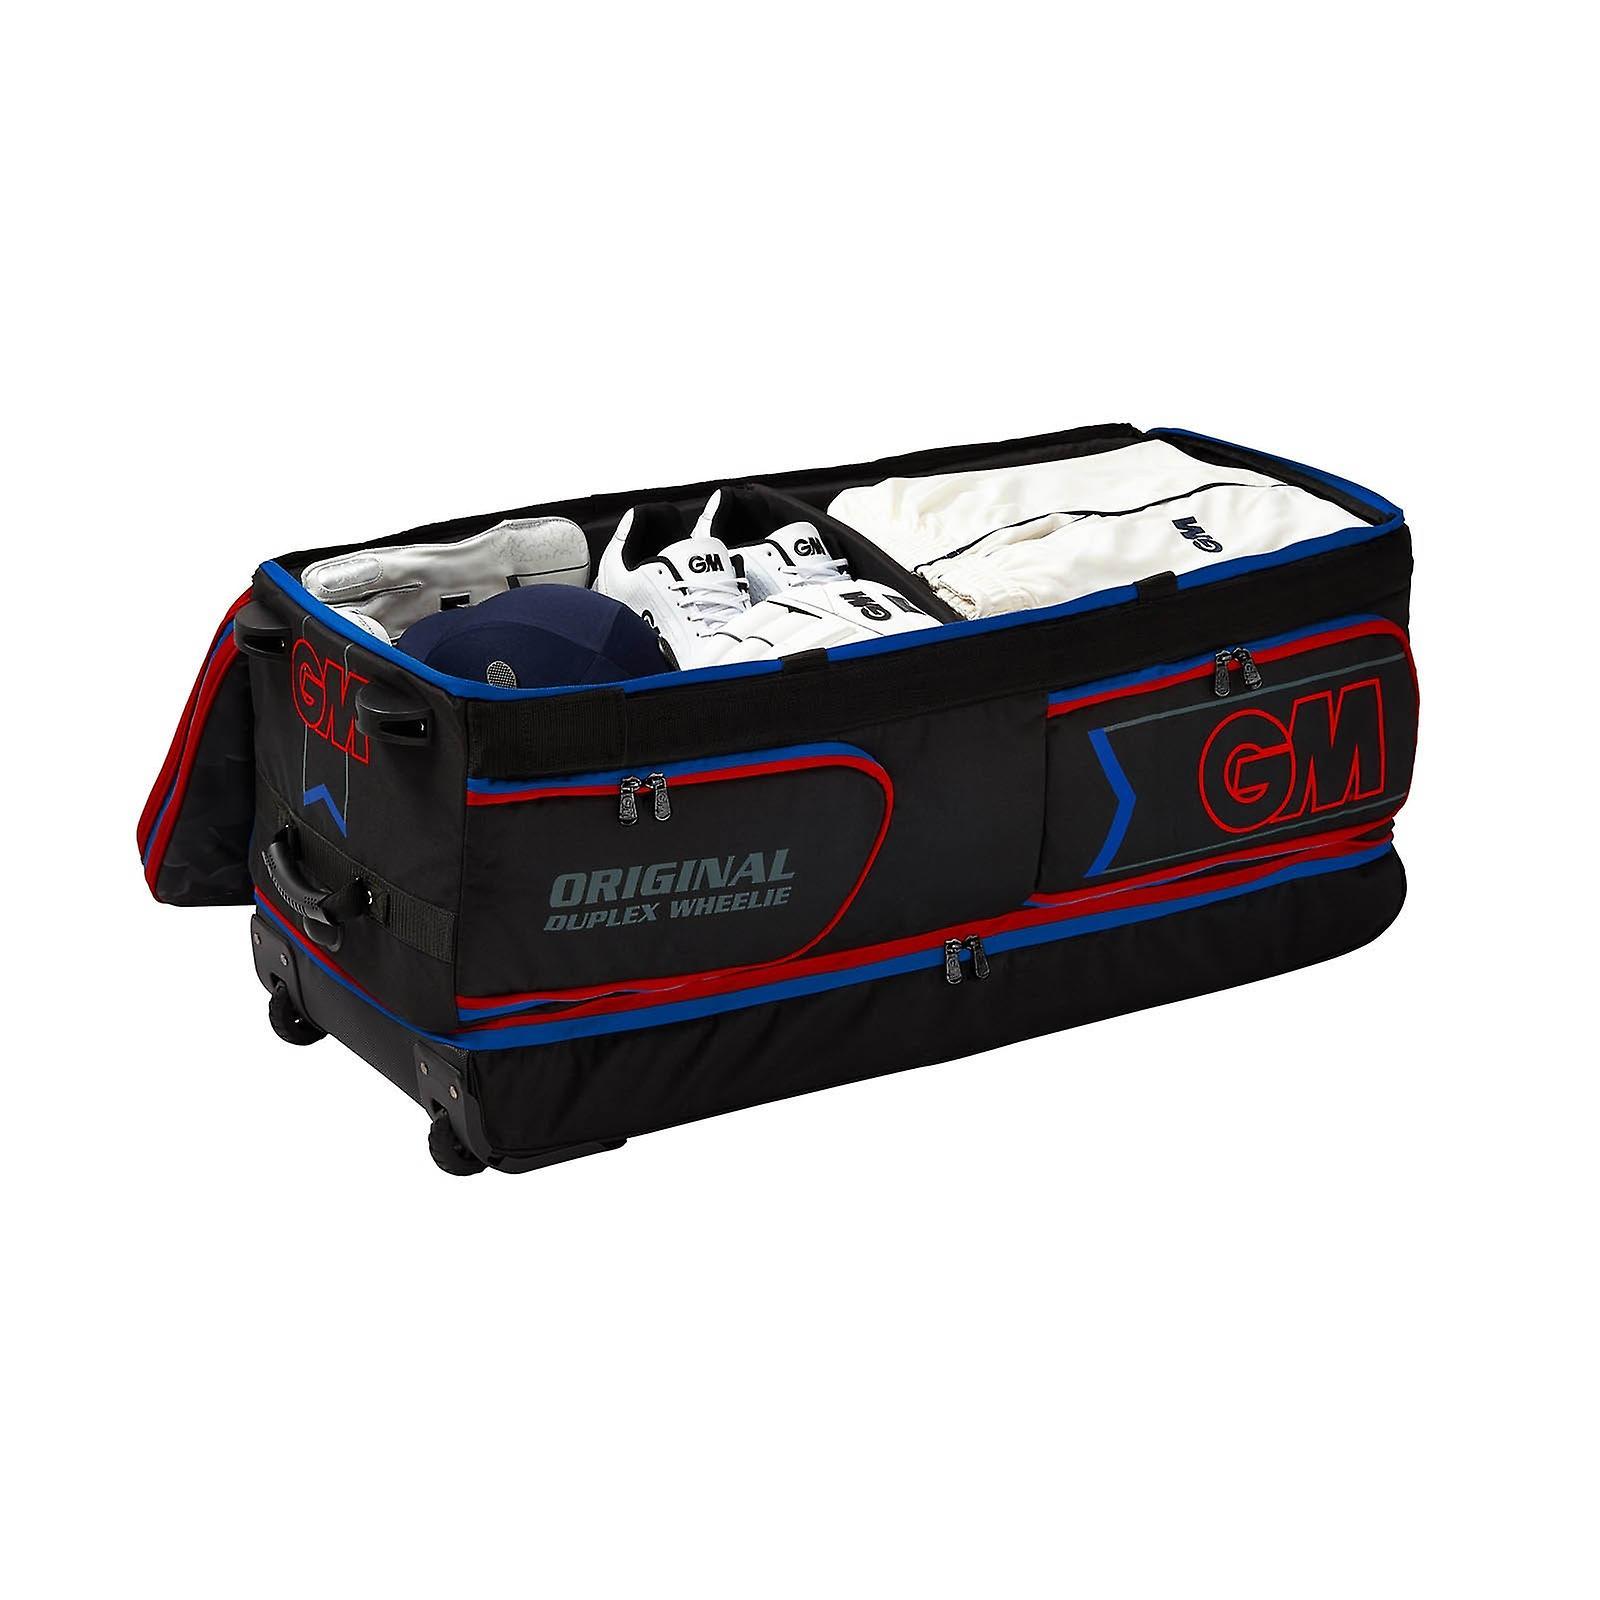 Gunn & Moore 2019 Original Duplex Wheelie Cricket Duffle Bag Black/Red/Blue